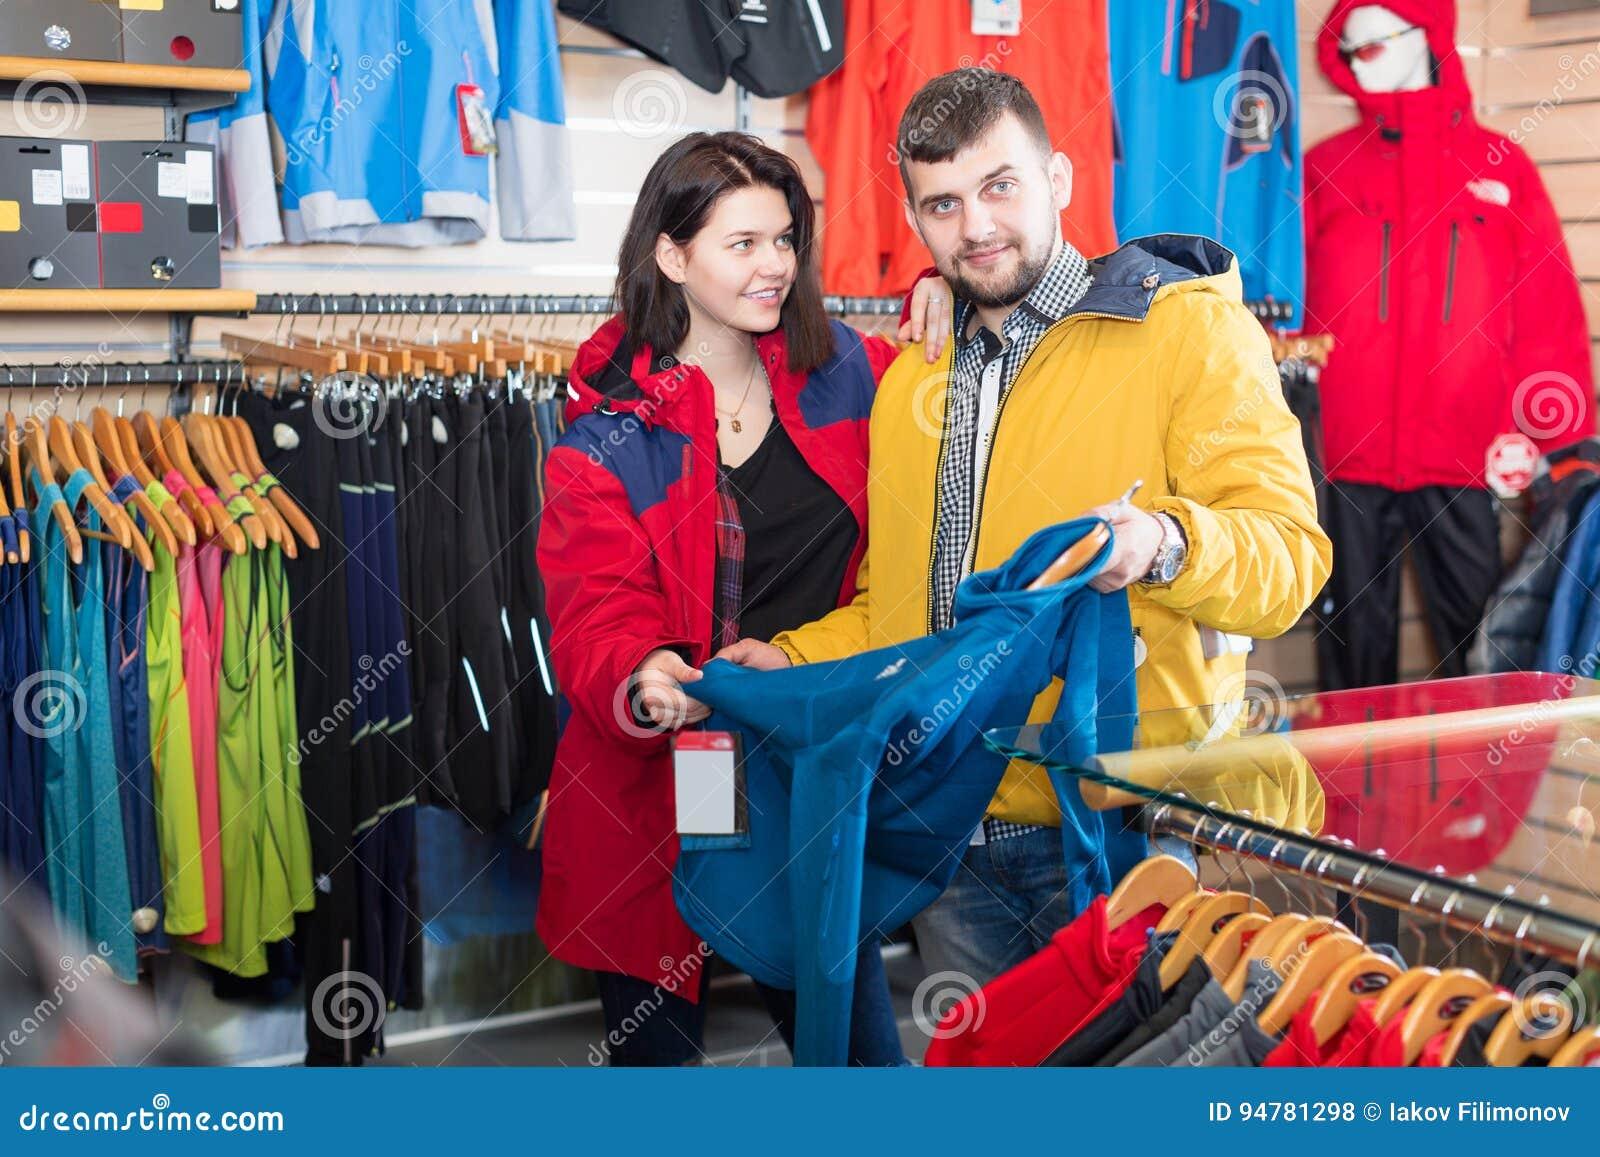 Couple Deciding On Track Jacket Stock Photo - Image of